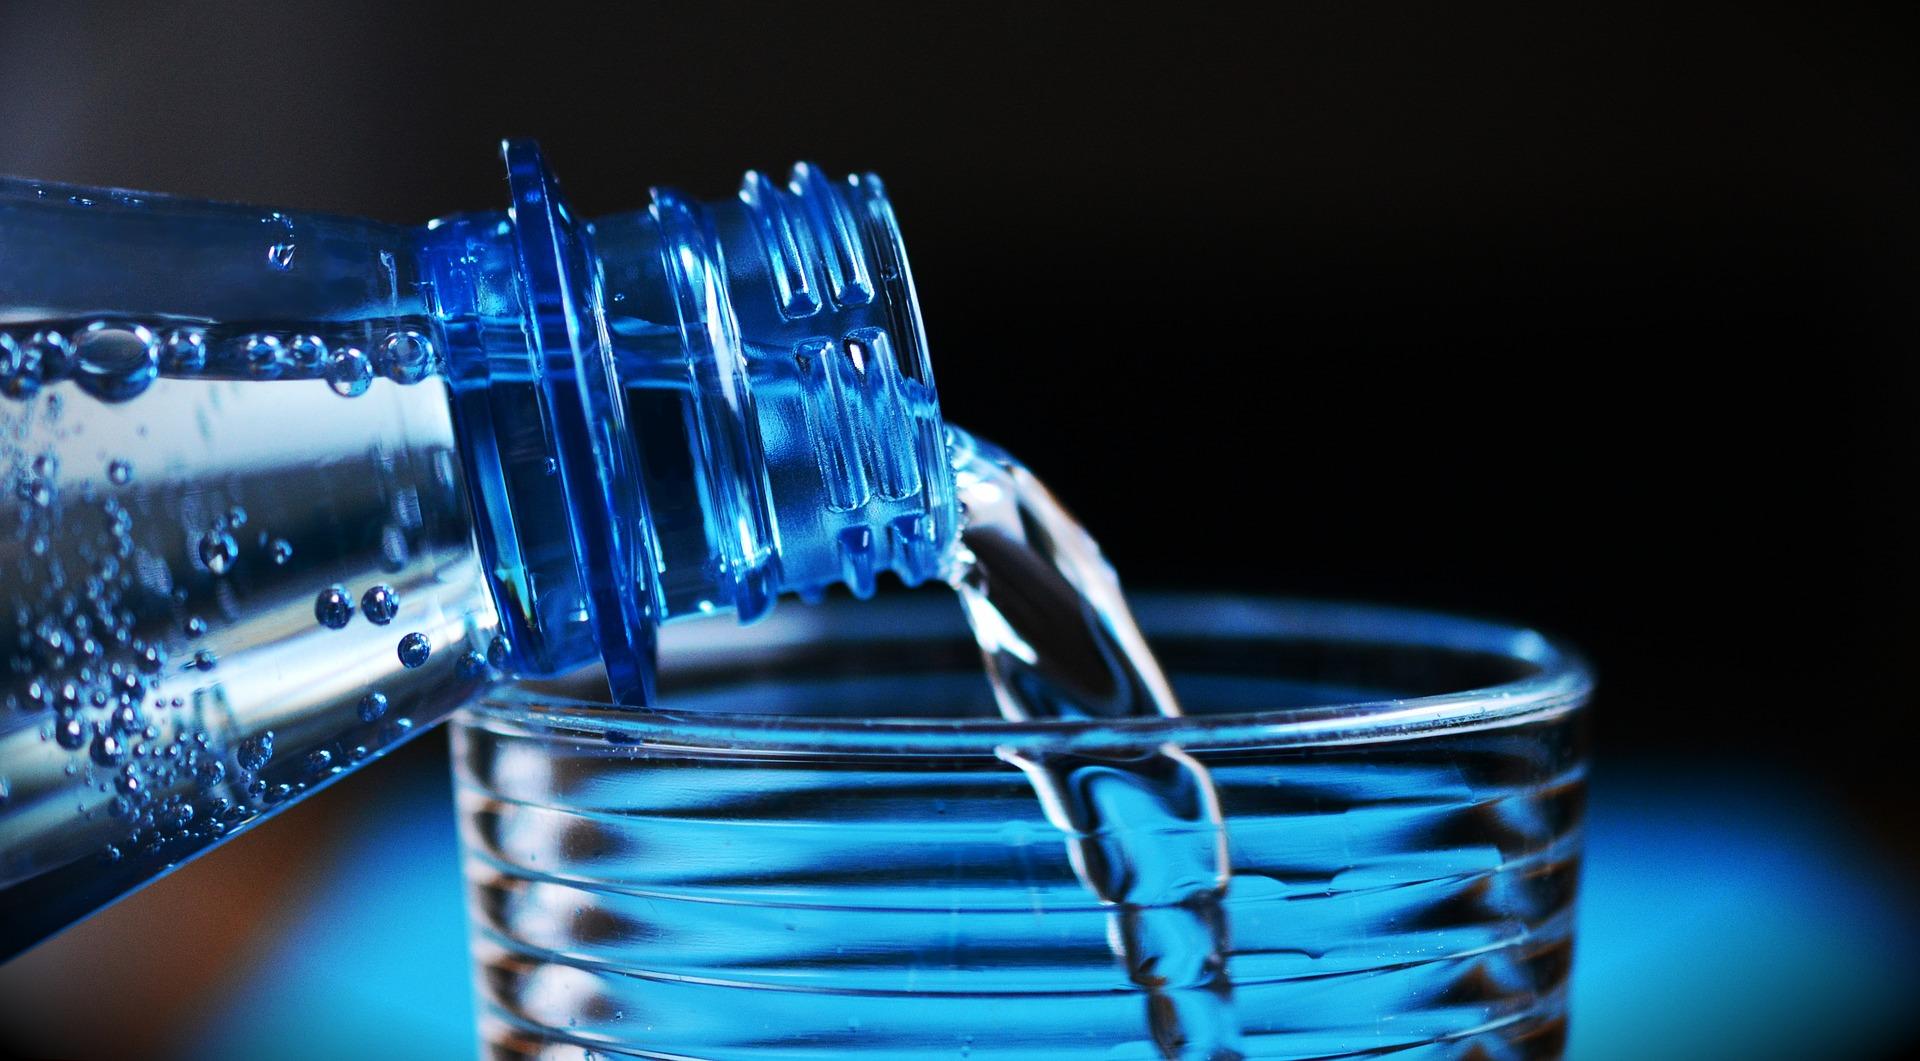 Wasser aus einer PET-Flasche wird in ein Glas gegossen.